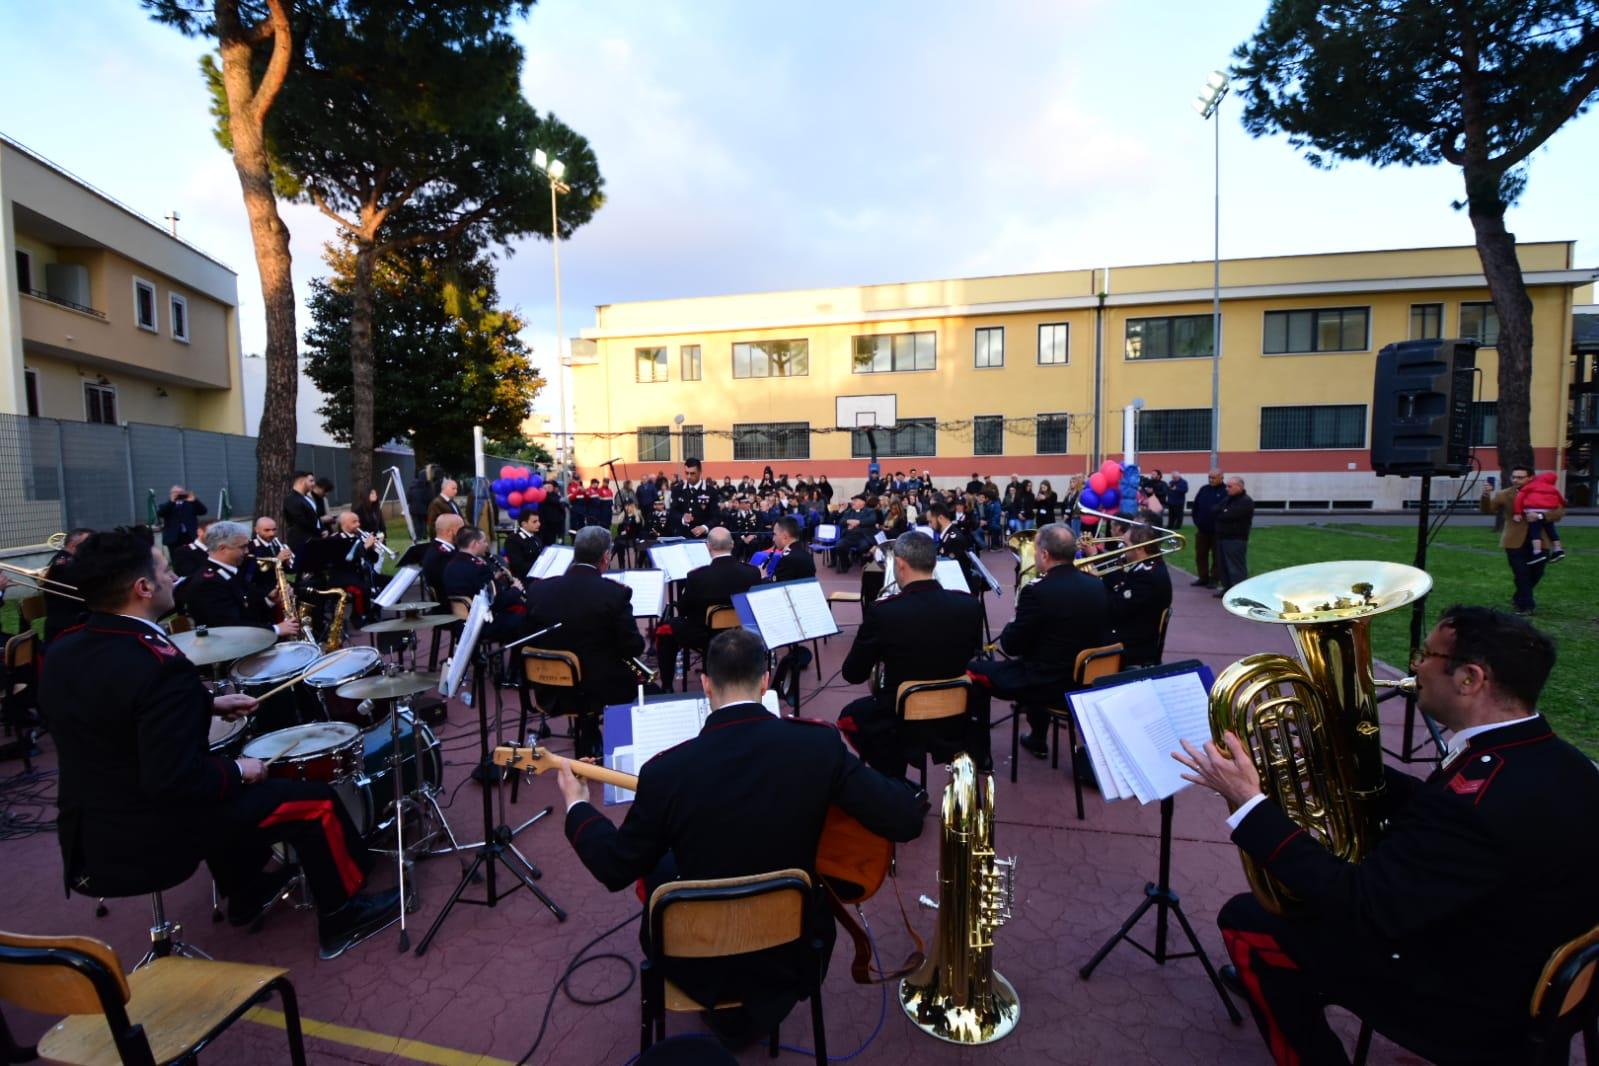 Concerto della Fanfara dell'Arma deii Carabinieri